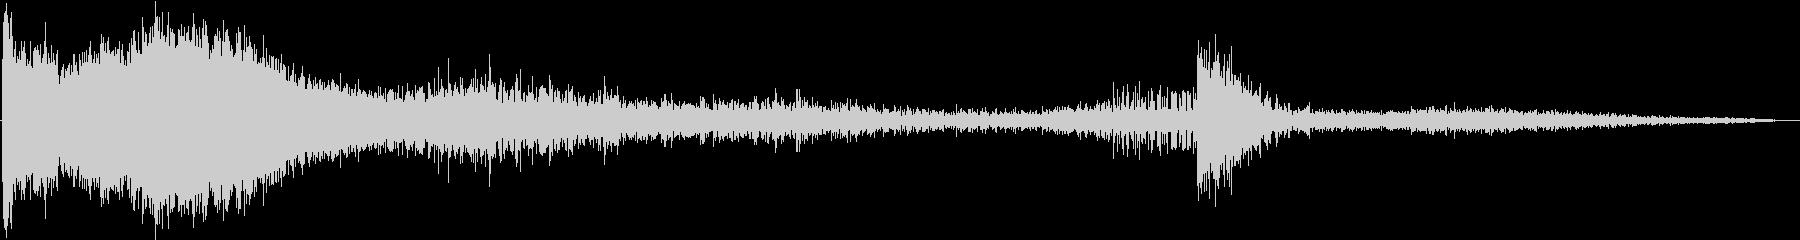 【ホラー】 ダークなタイトルロゴ 03の未再生の波形